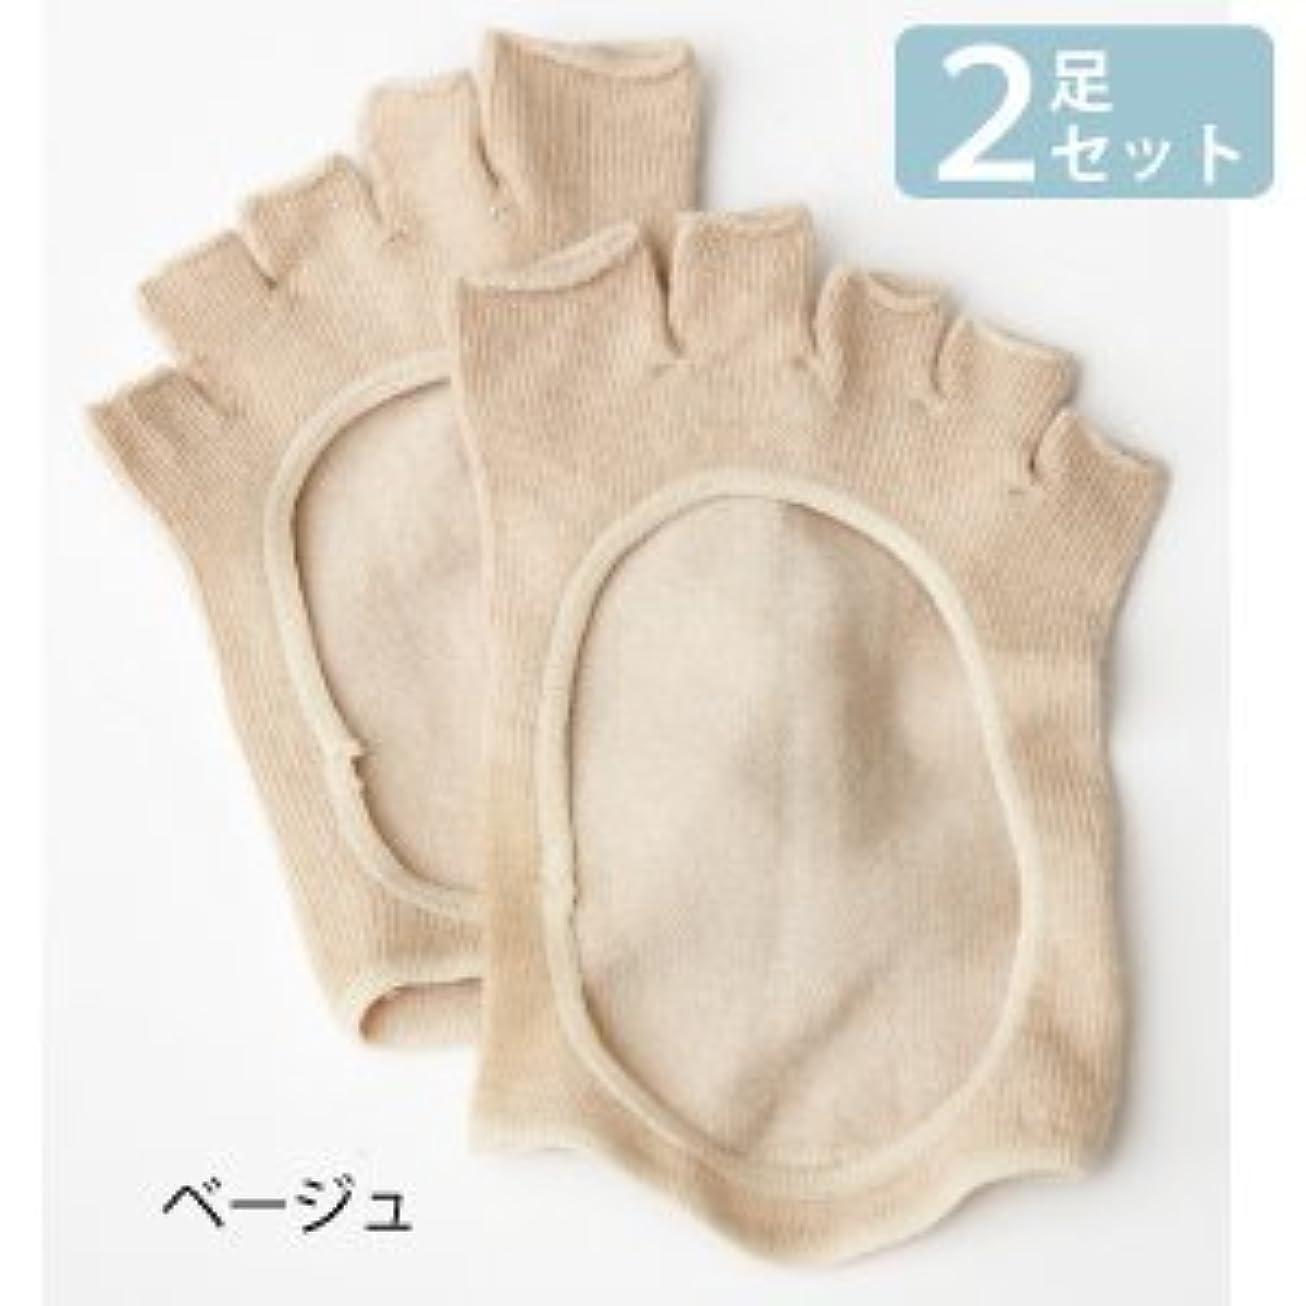 脱げにくい 足指セパレーター (4足セット, ベージュ)